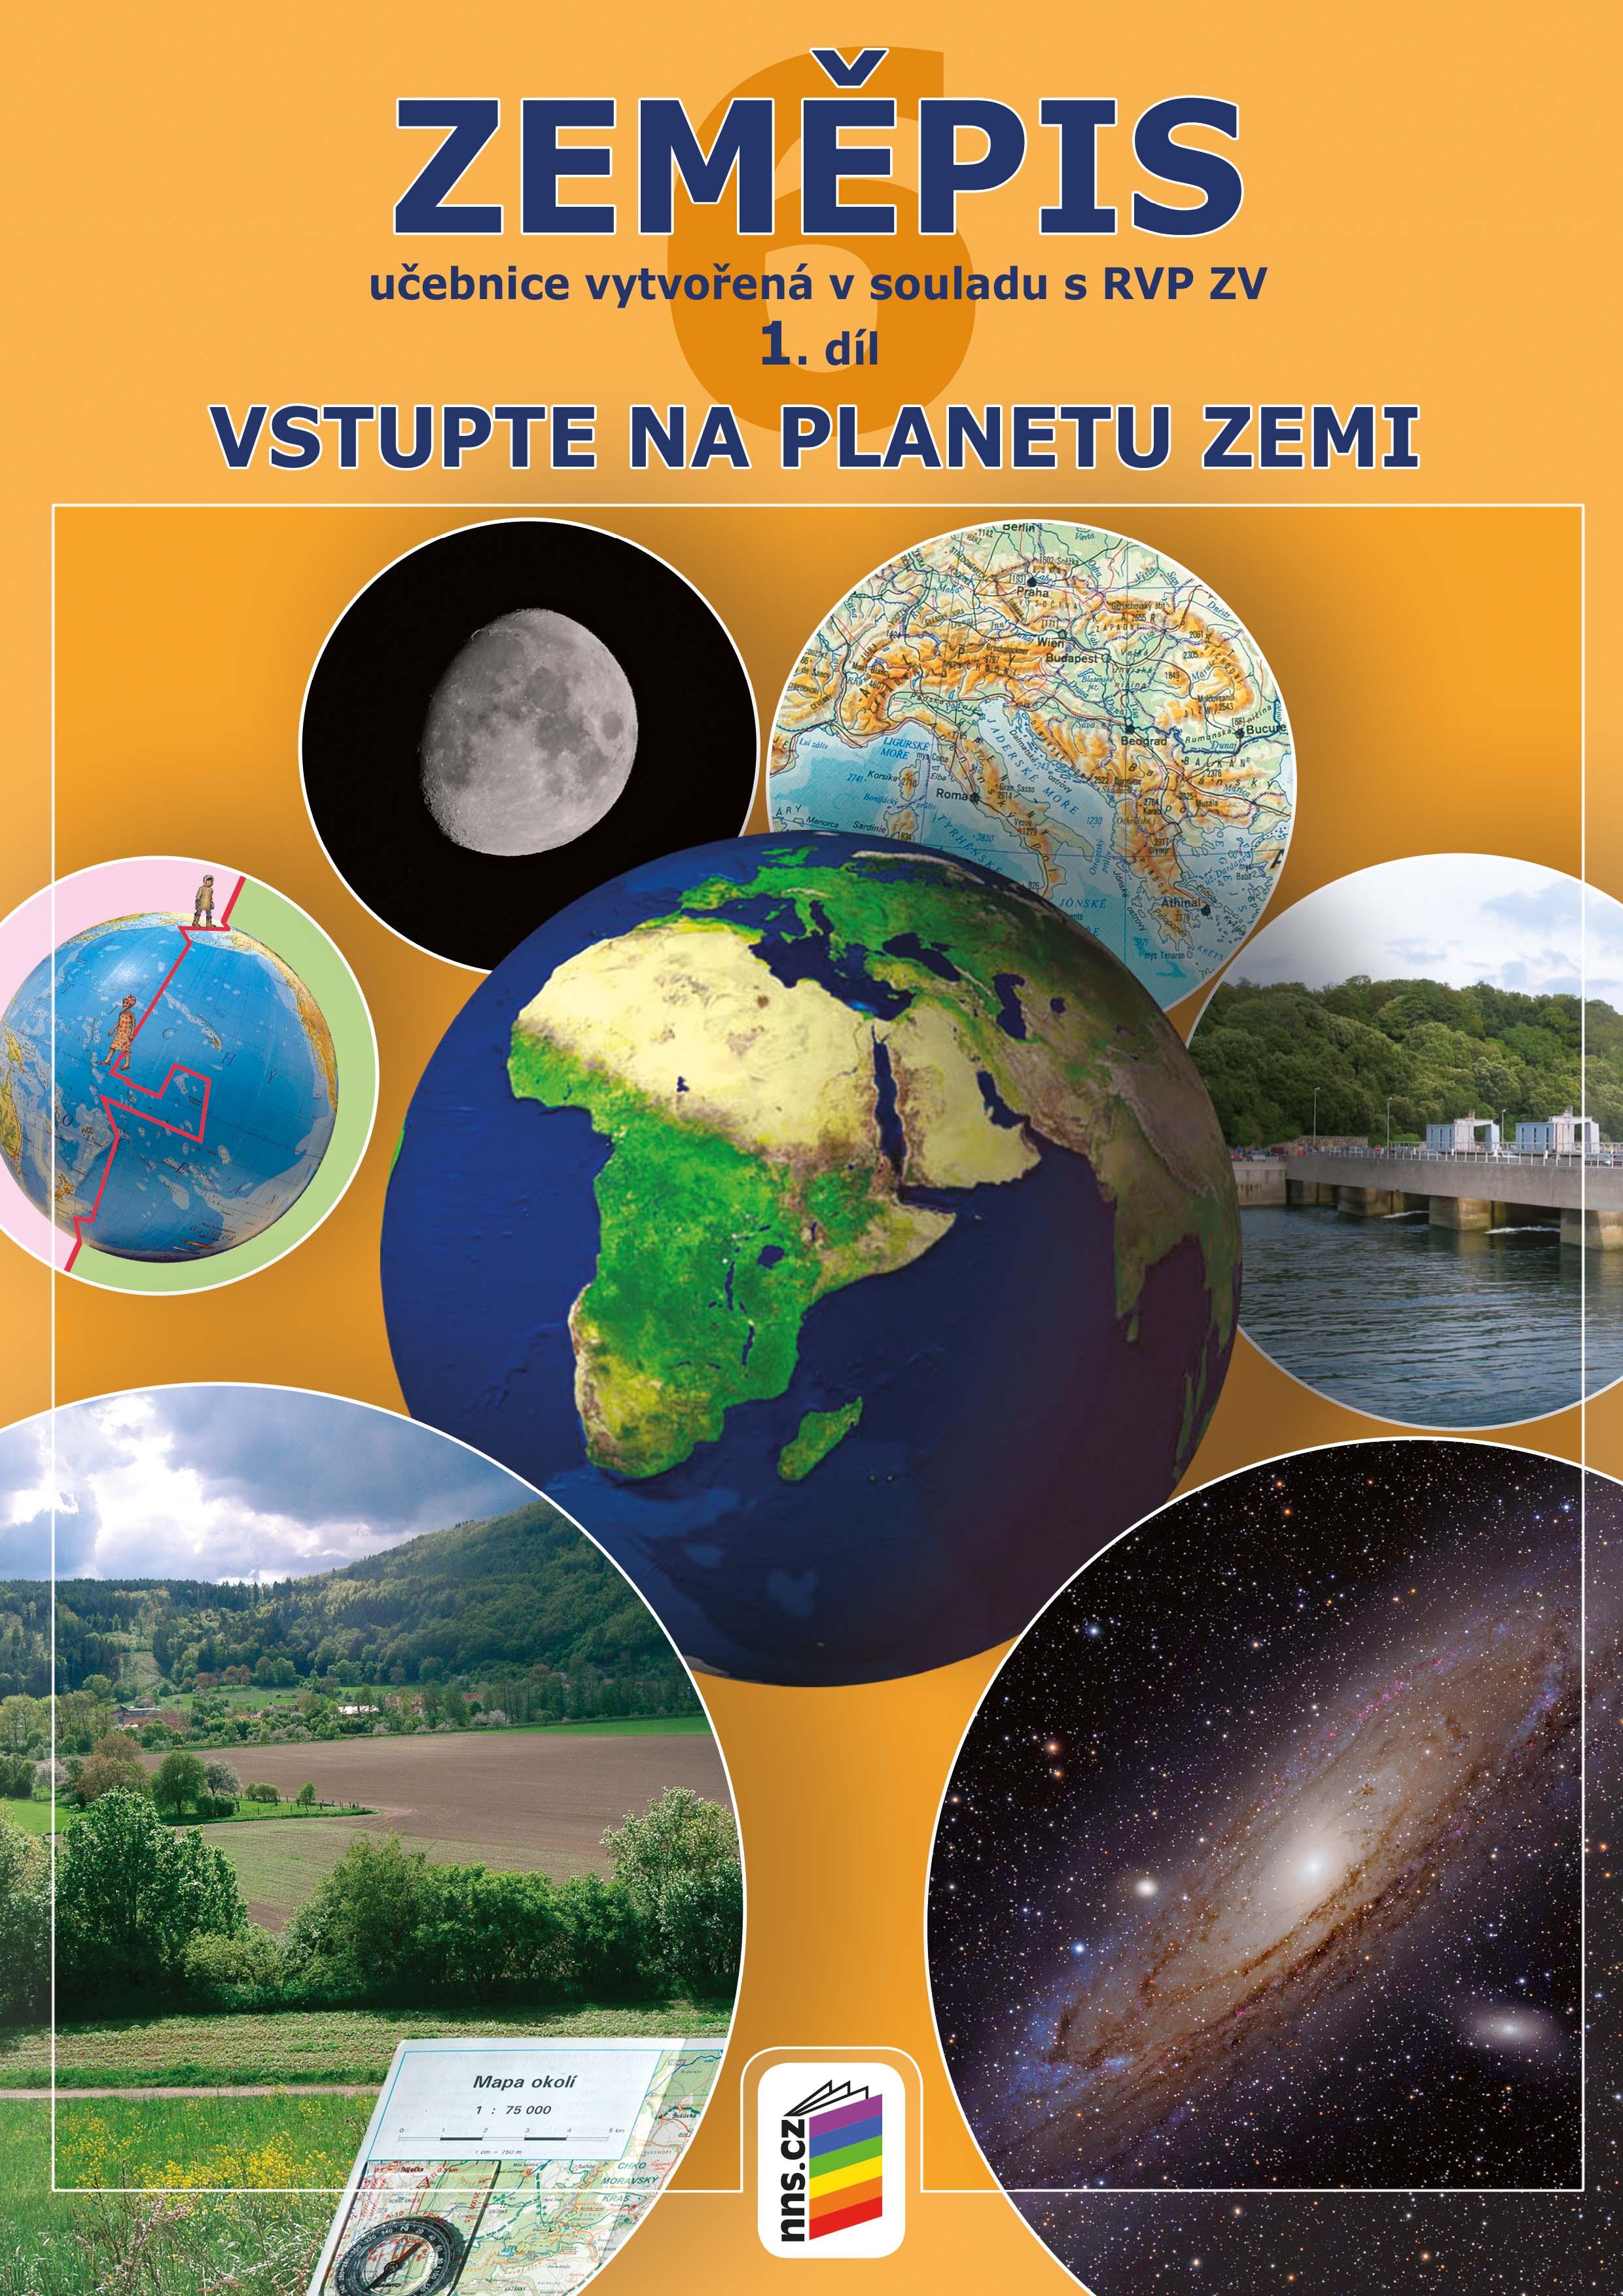 Zeměpis 6, 1. díl - Vstupte na planetu Zemi